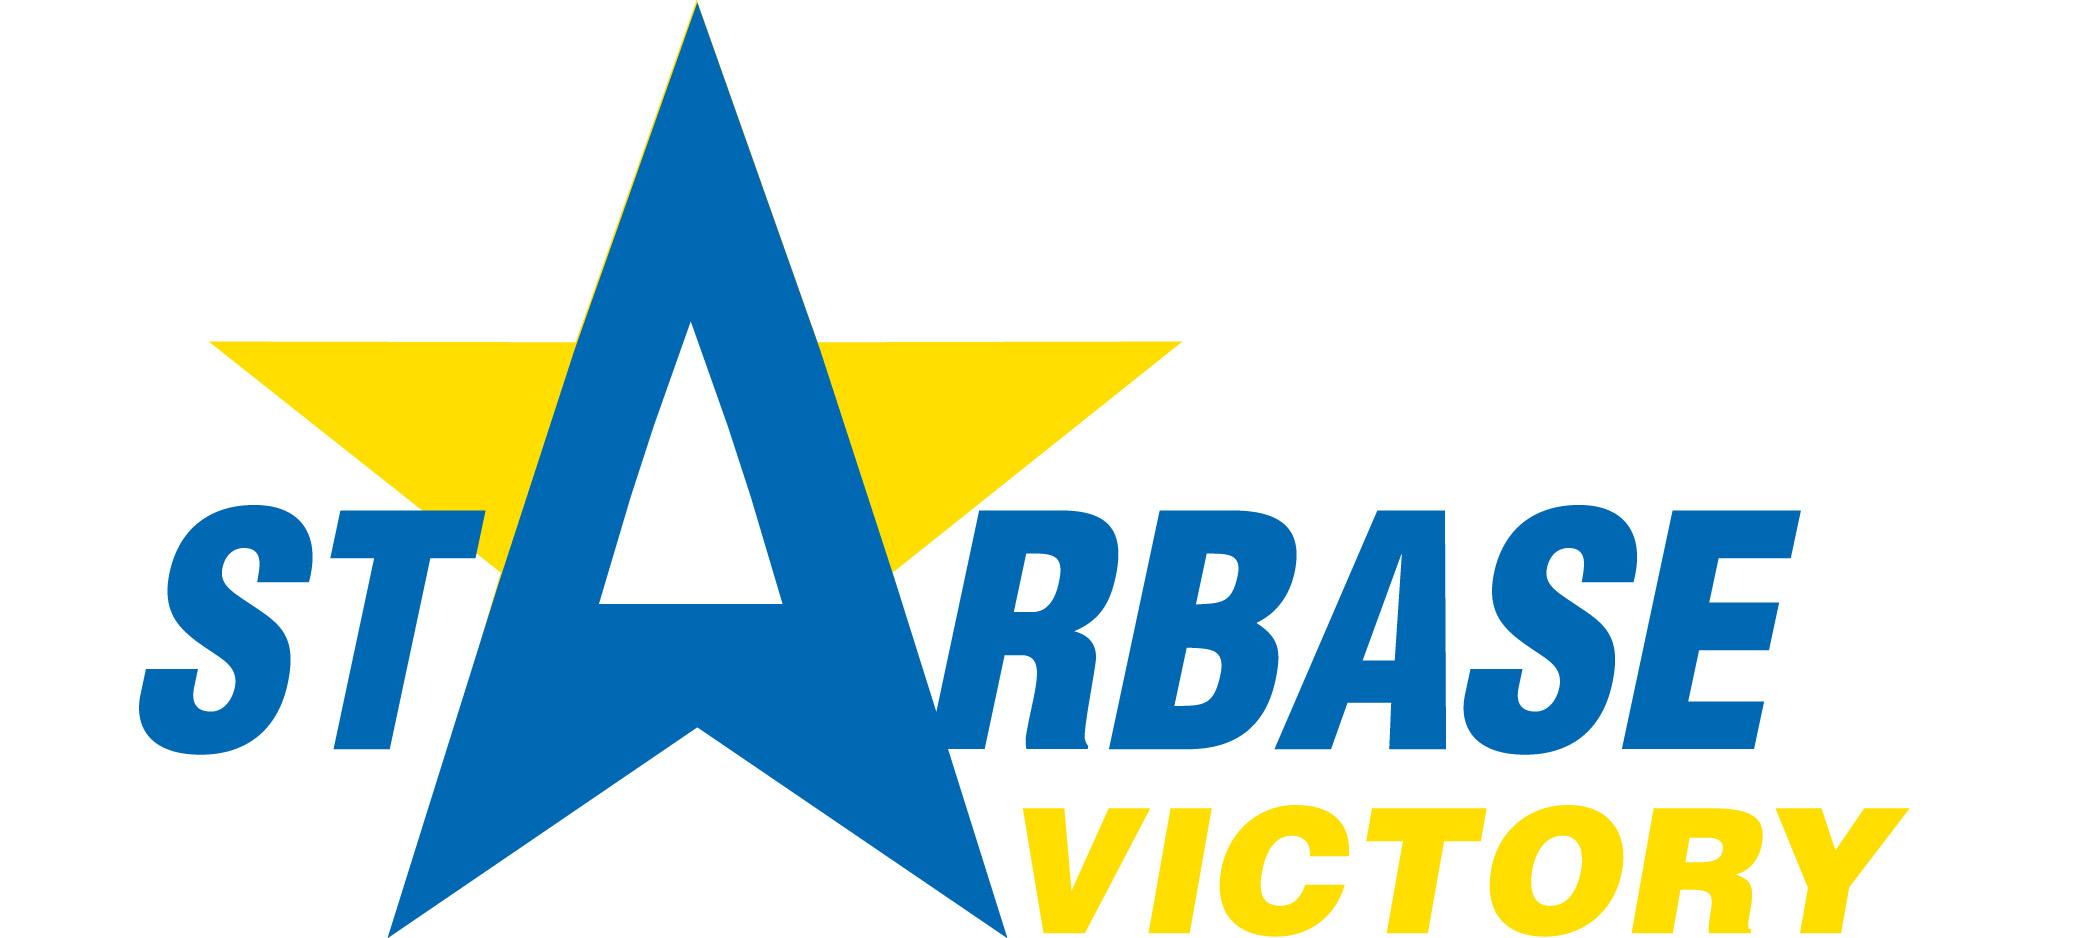 StarbaseVictory portsmouth public schools